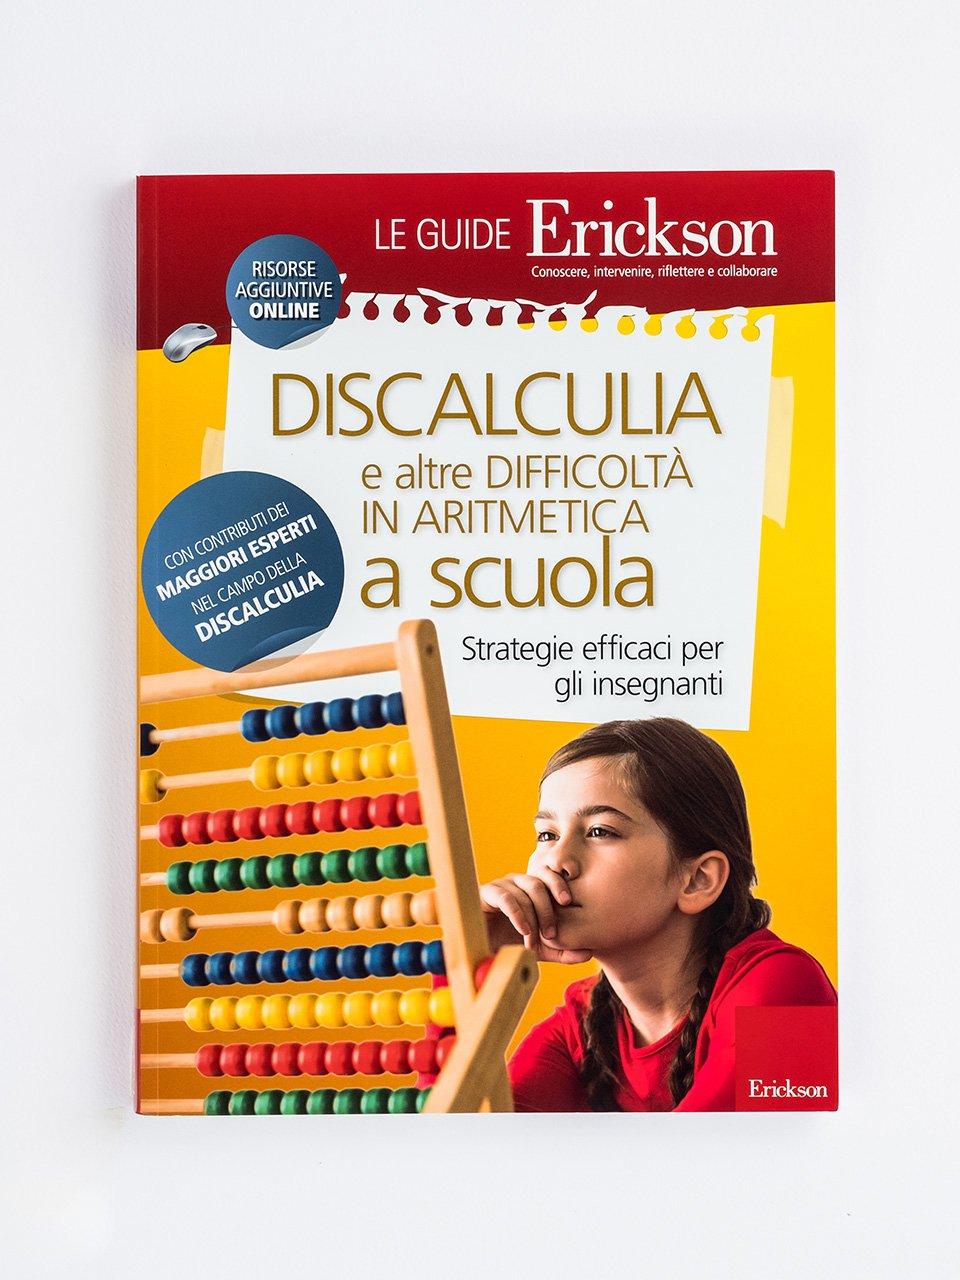 DISCALCULIA e altre difficoltà in aritmetica a scuola - Laboratorio discalculia - Libri - Erickson